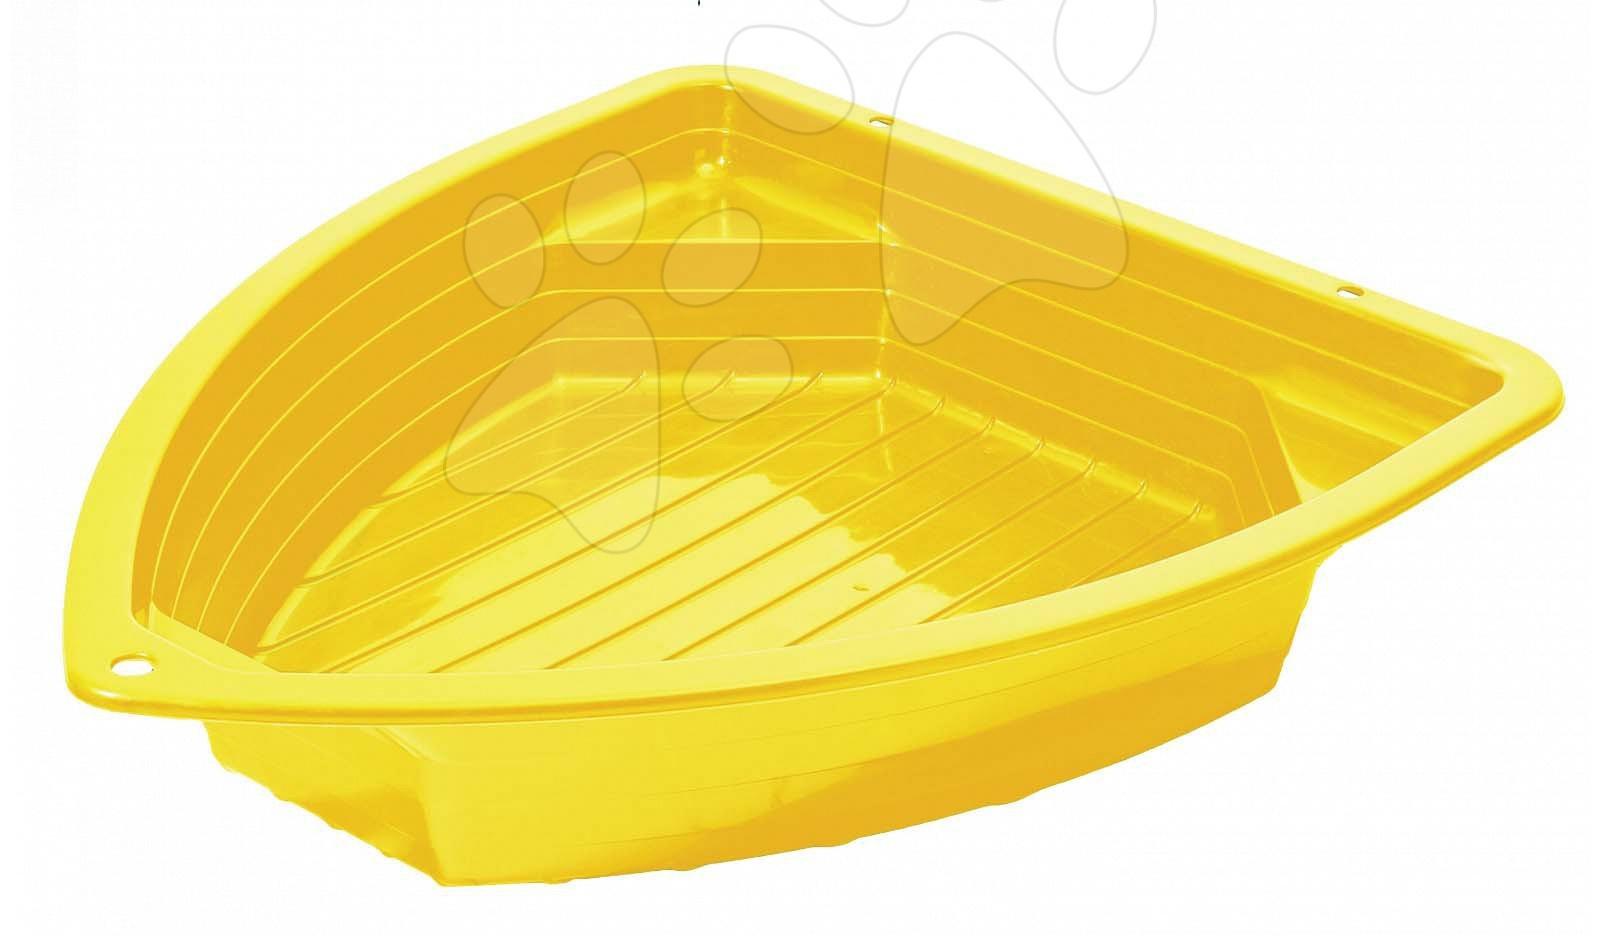 Pískoviště pro děti  - Pískoviště Loďka Starplast s lavičkami objem 130 litrů žluté od 24 měsíců